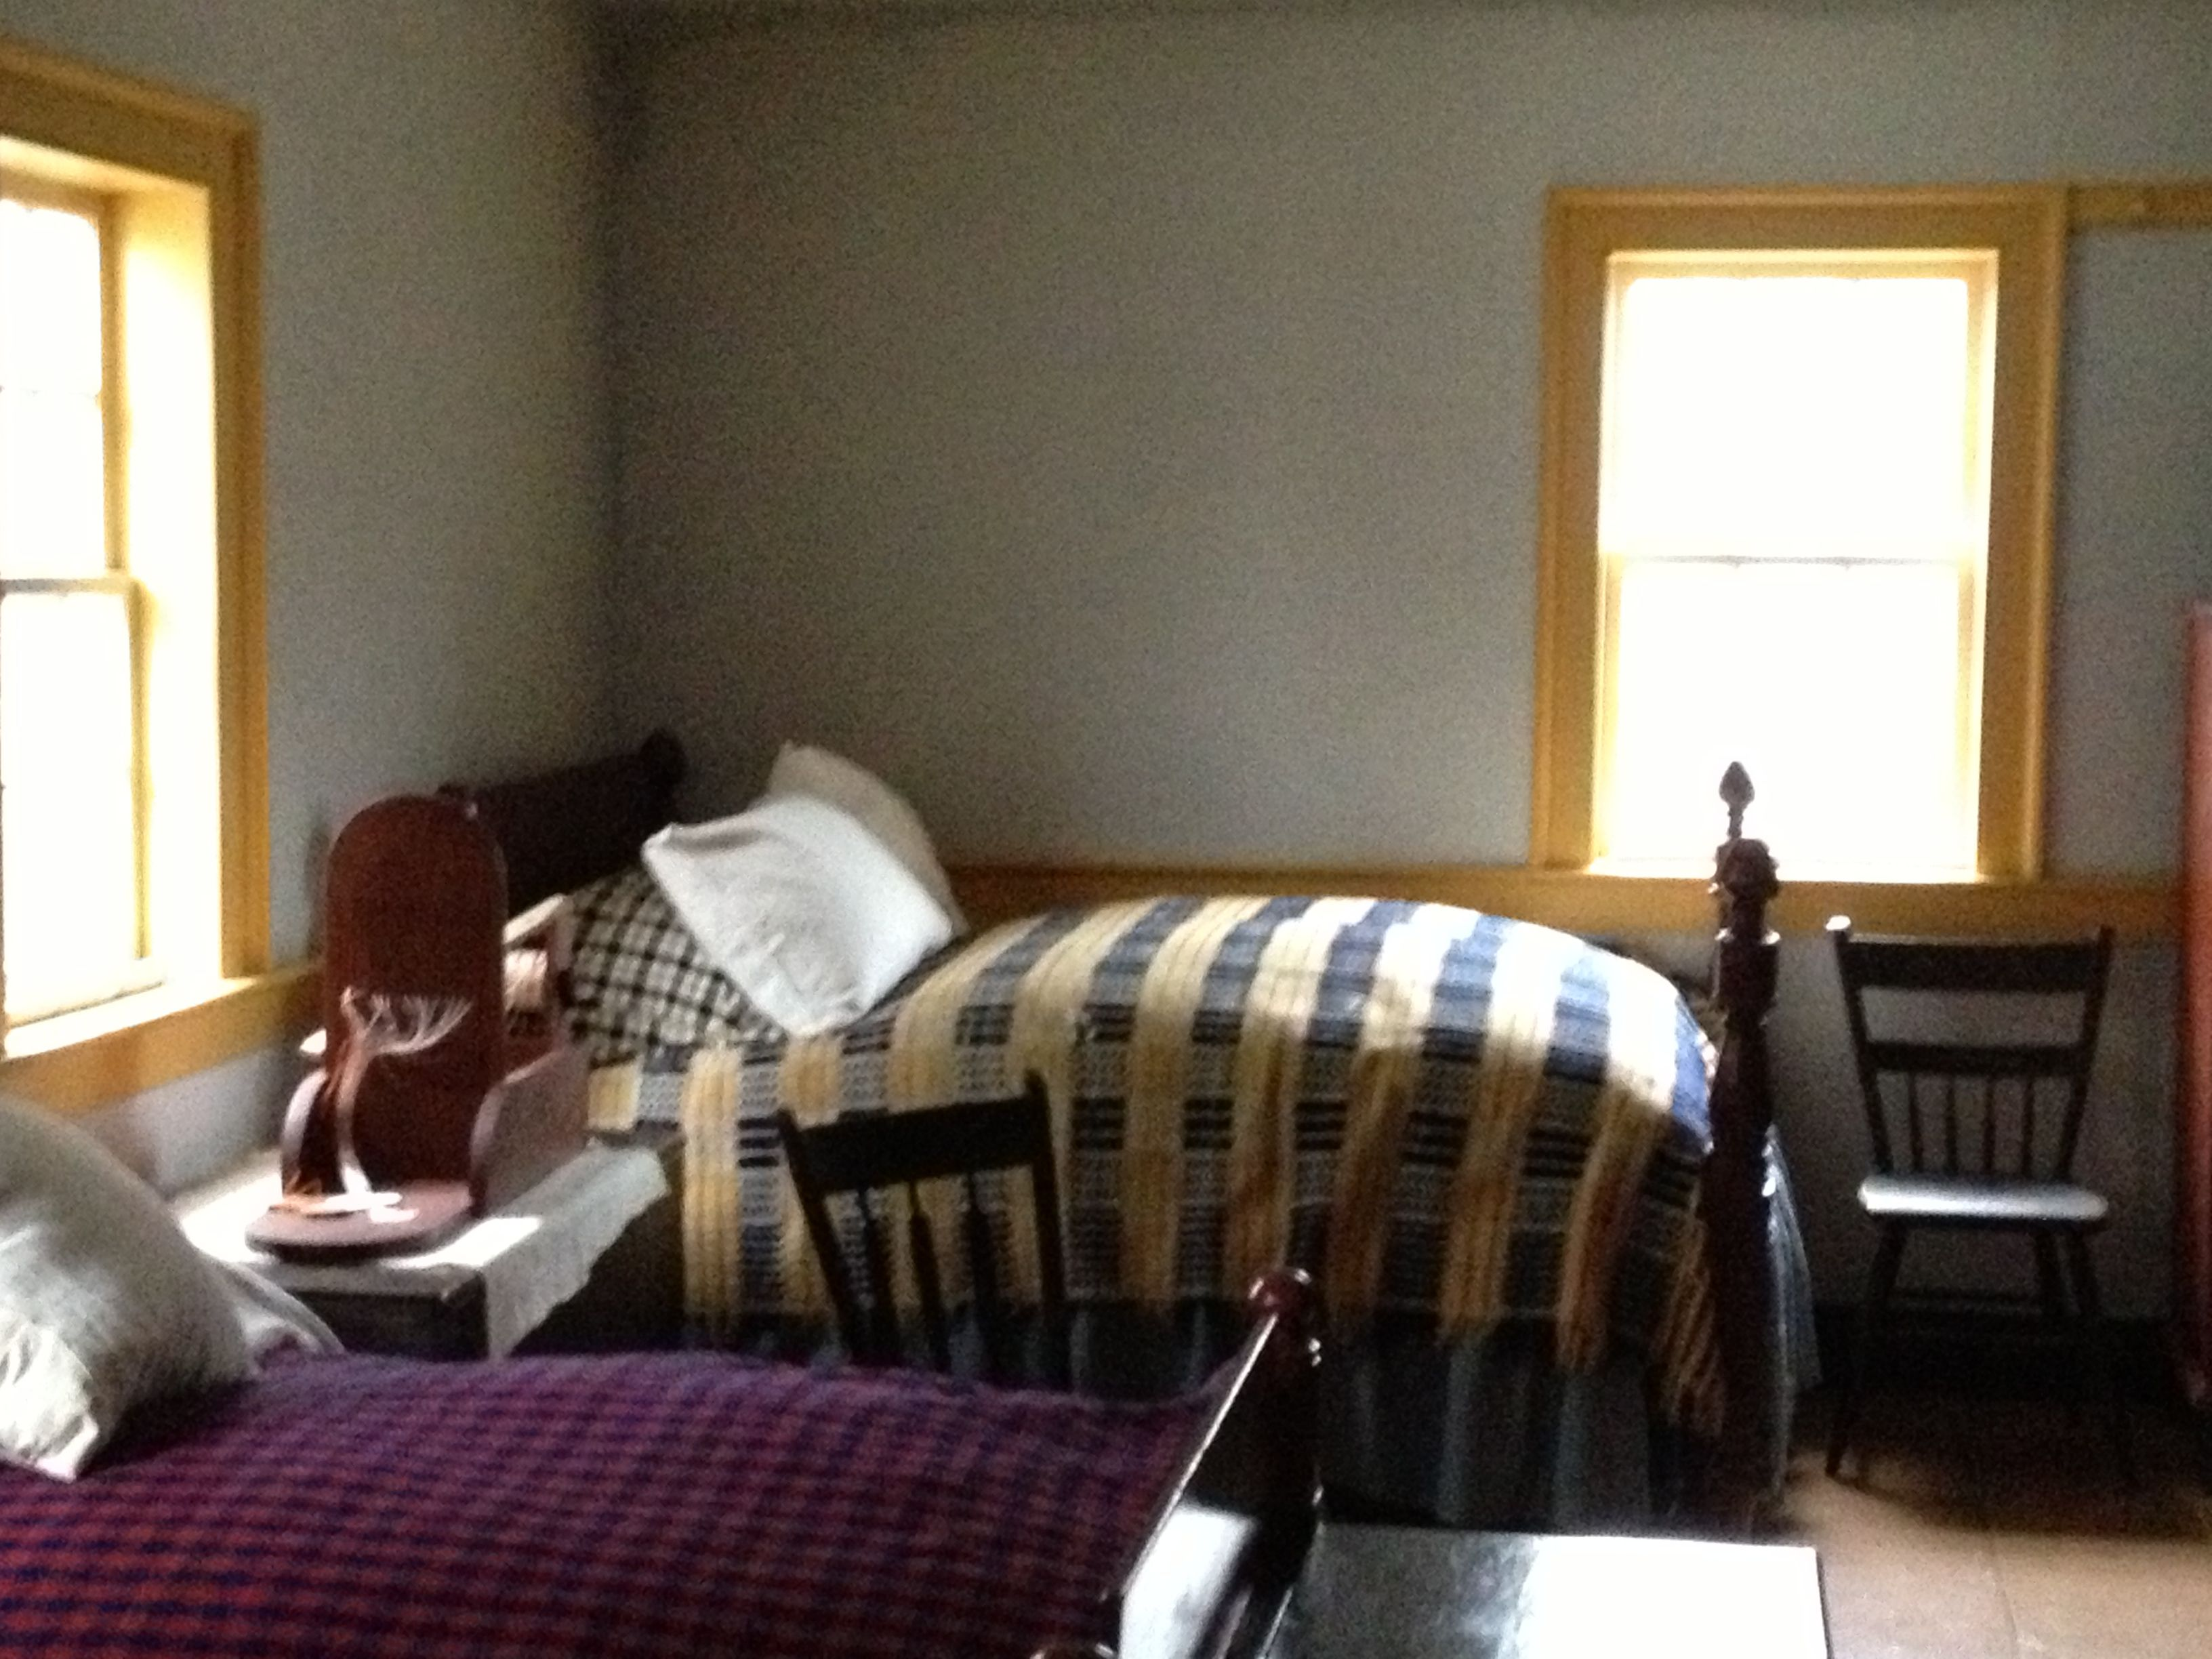 kitchener furniture a bedroom at josephscheinderhaus in kitchener furniture